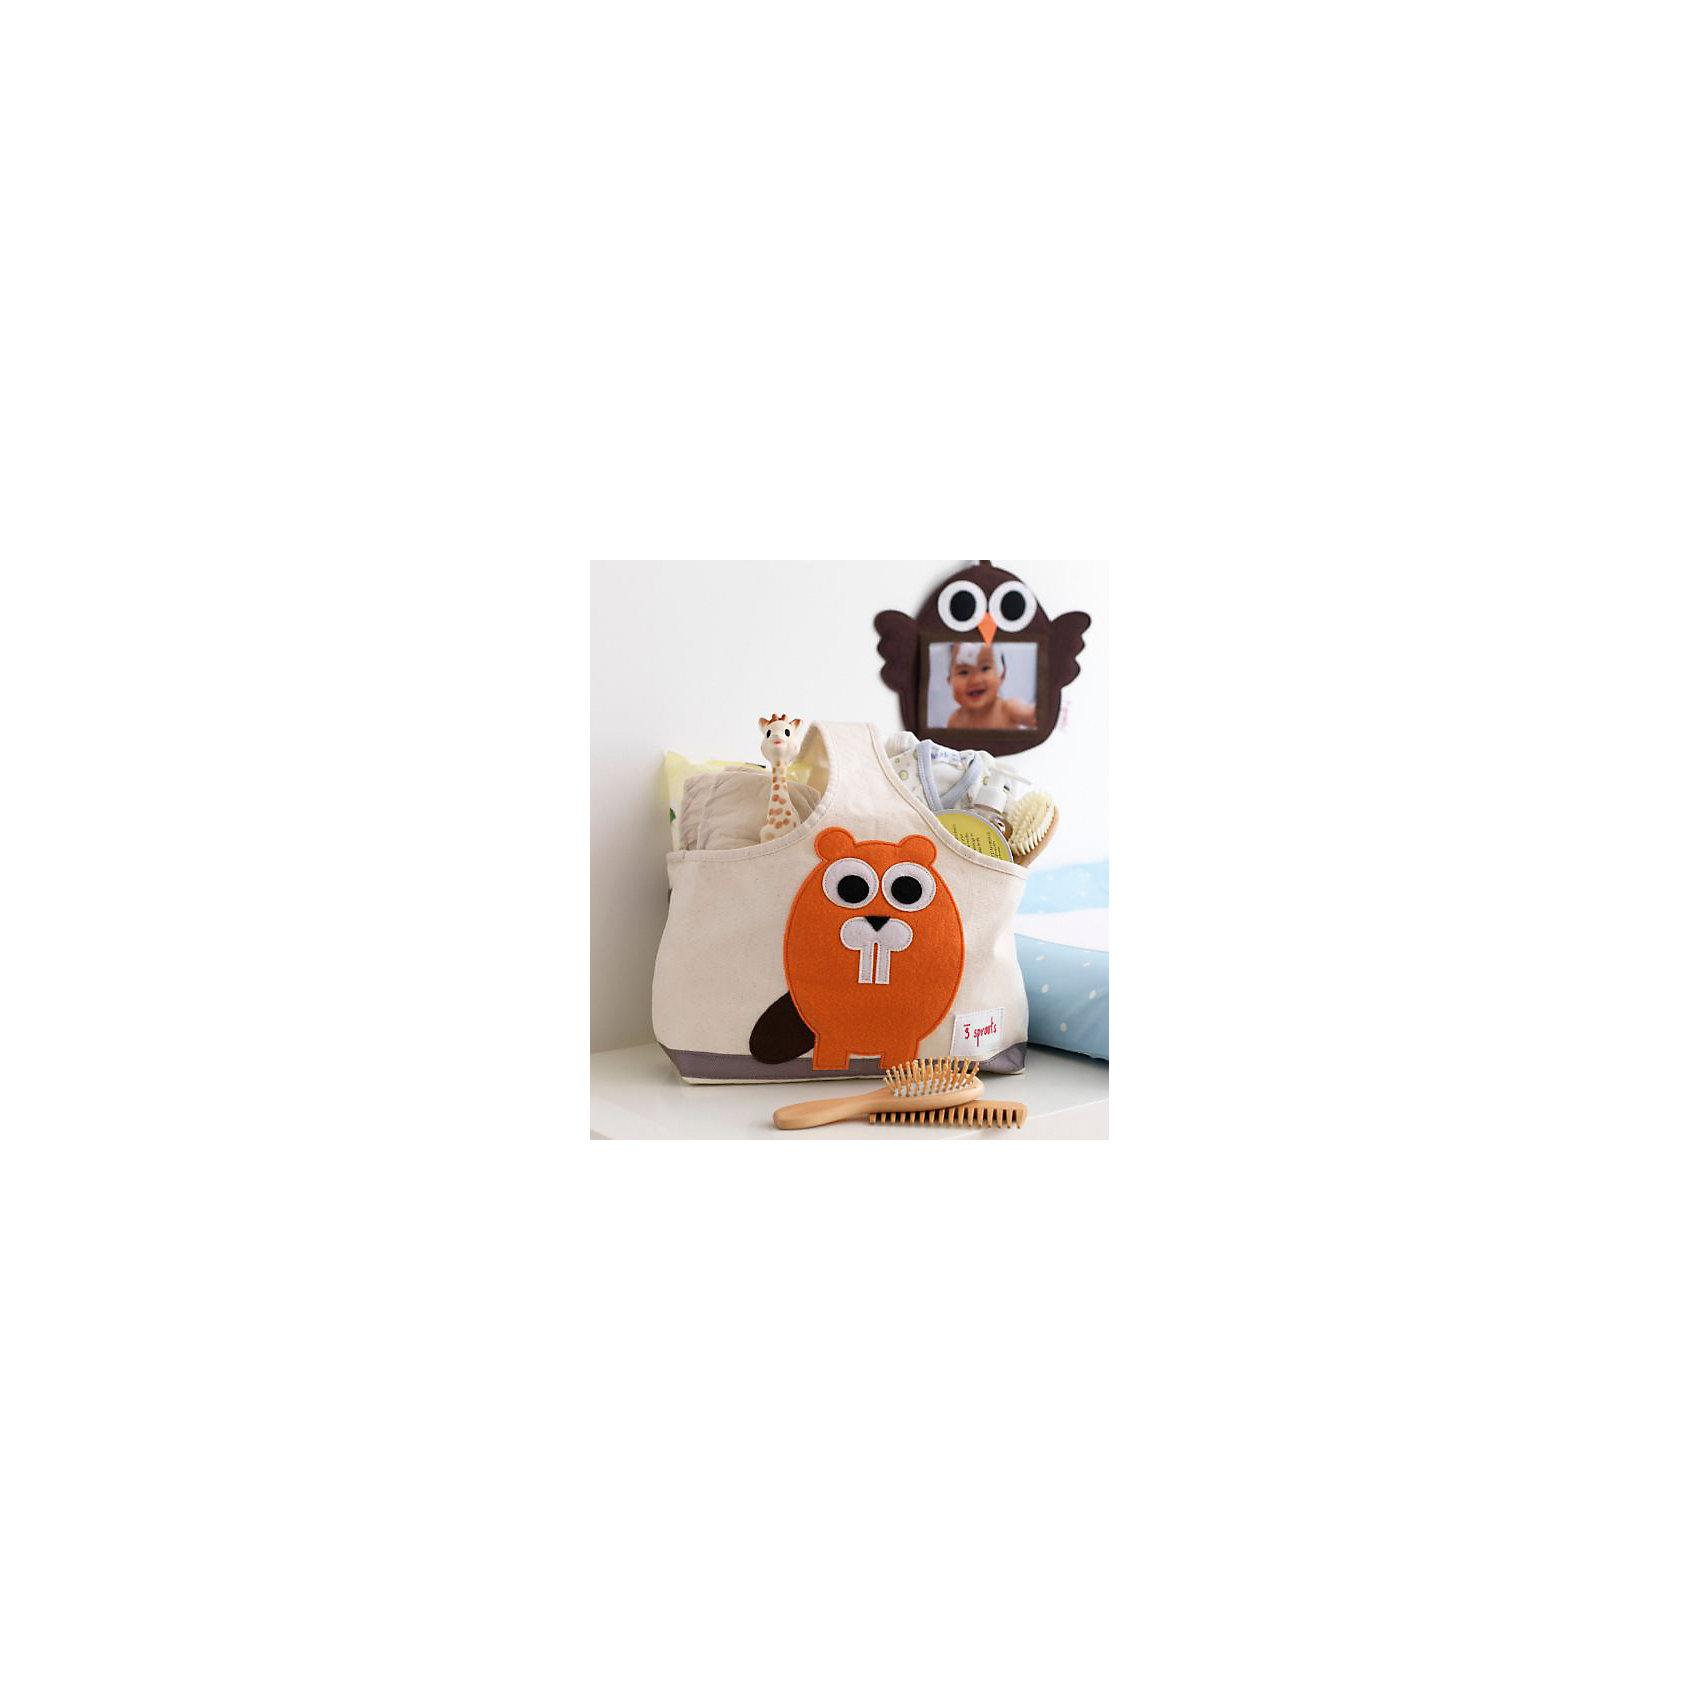 Сумочка для хранения детских принадлежностей Бобр (Orange Beaver), 3 Sprouts от myToys